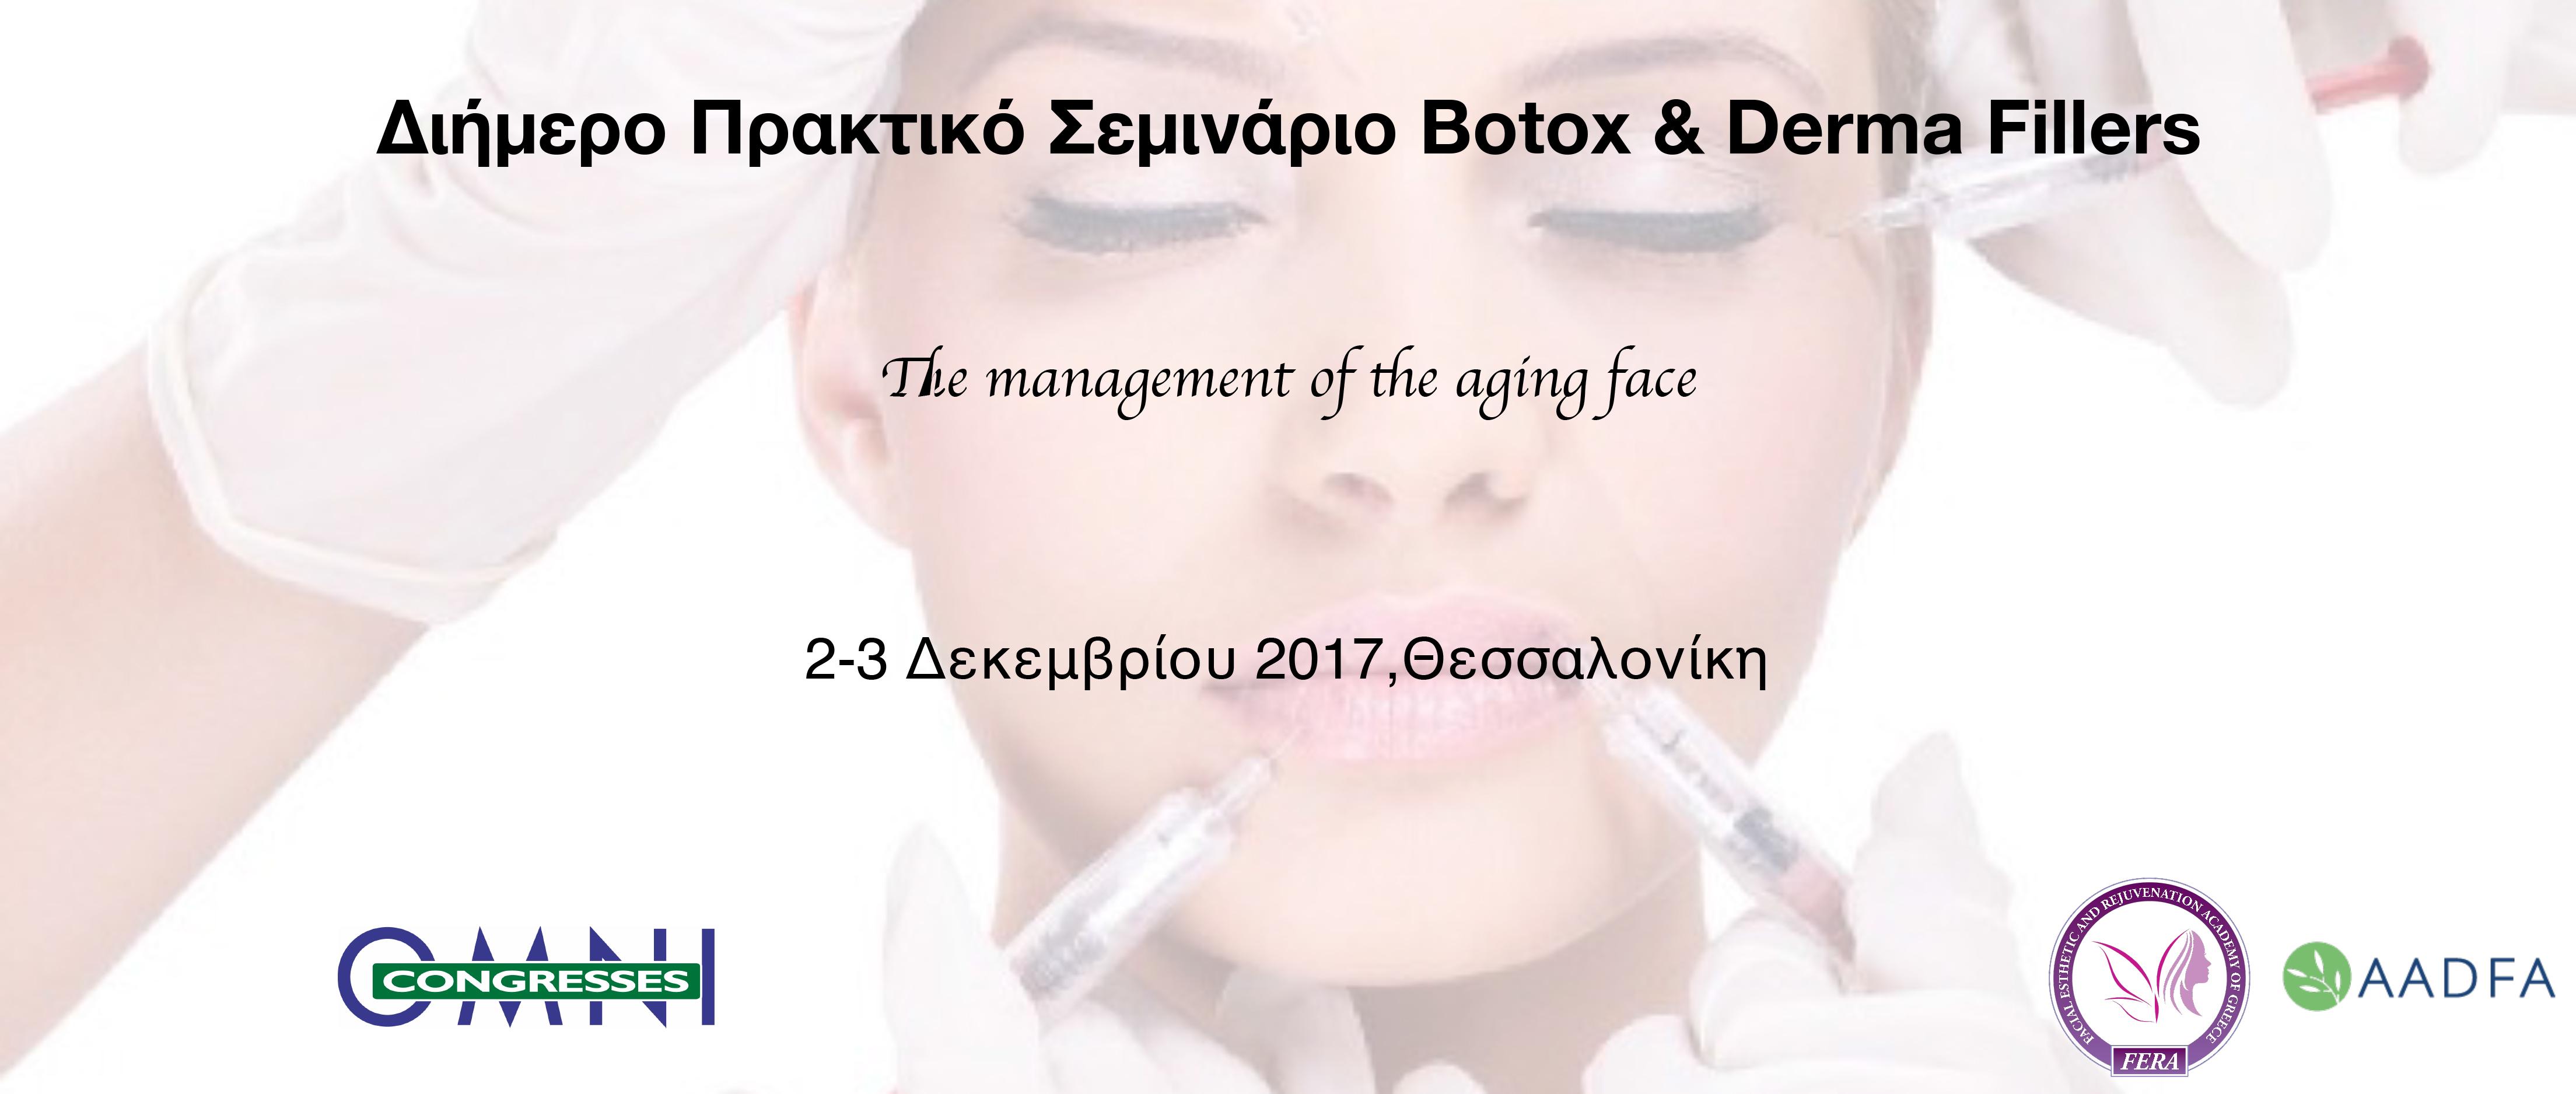 Διήμερο Πρακτικό Σεμινάριο Botox - Fillers - Omnipress